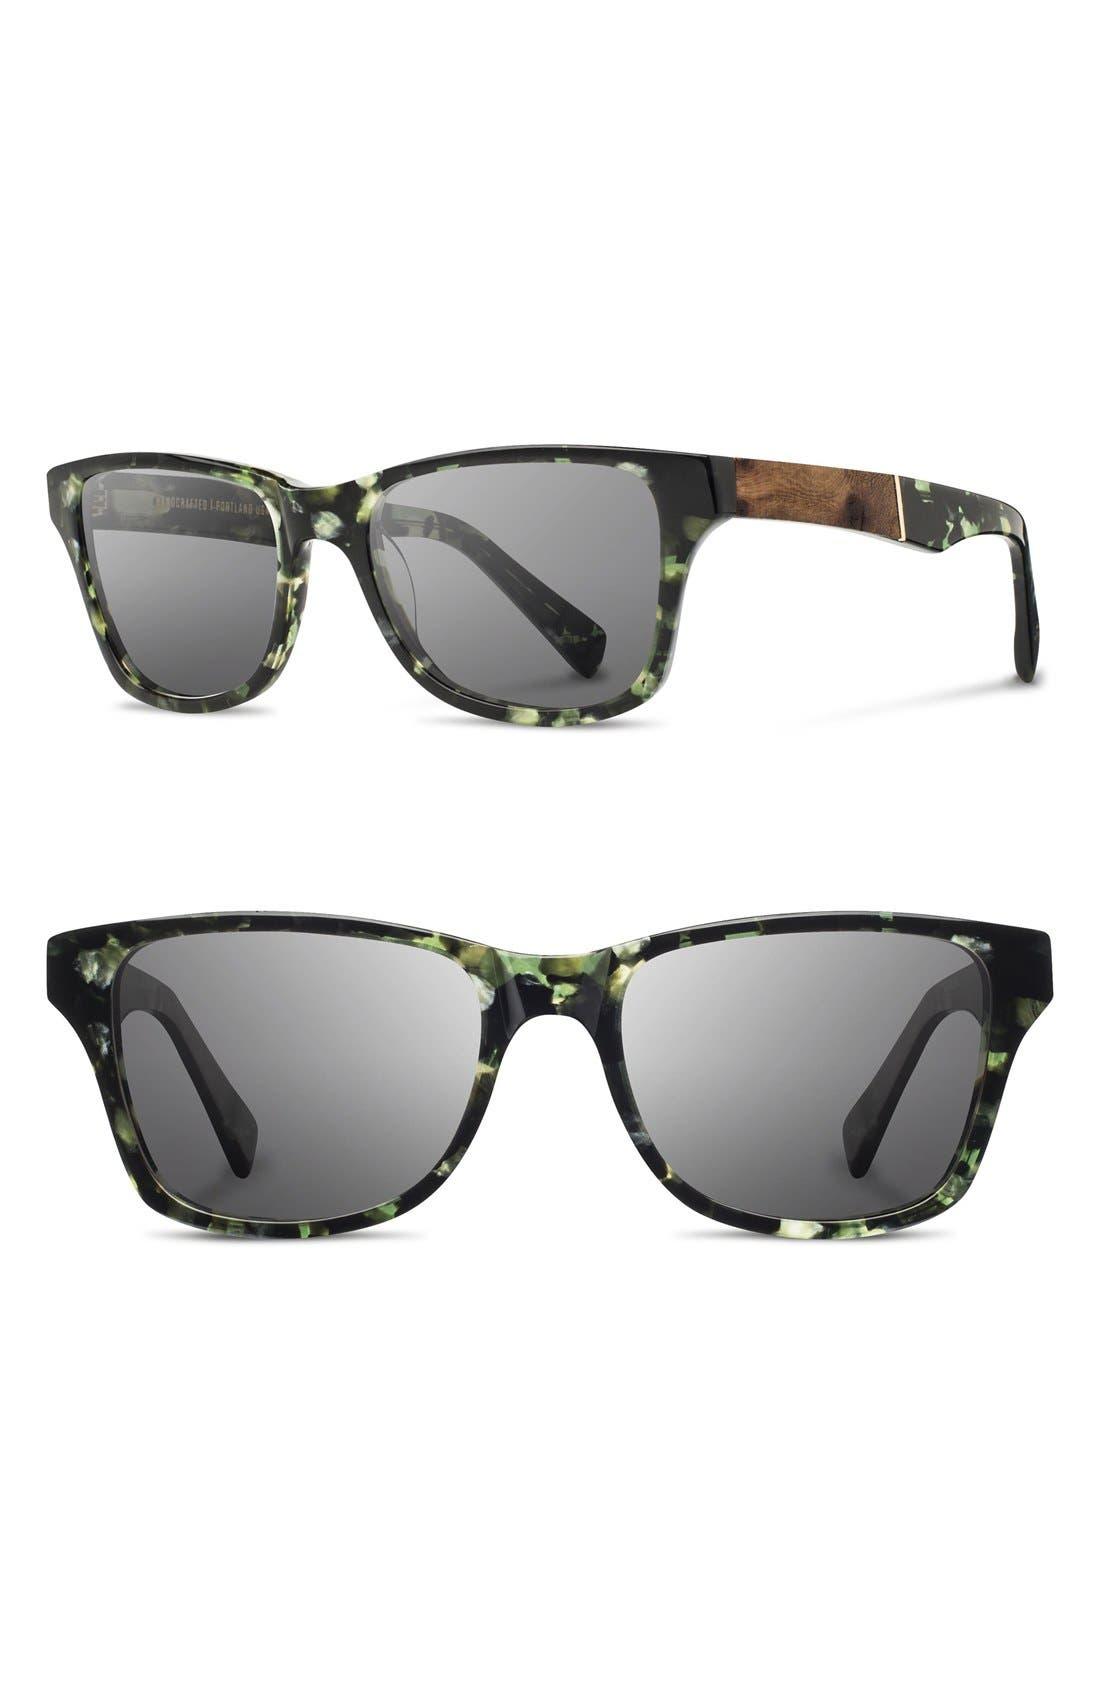 Main Image - Shwood Polarized Wood Inlay Sunglasses